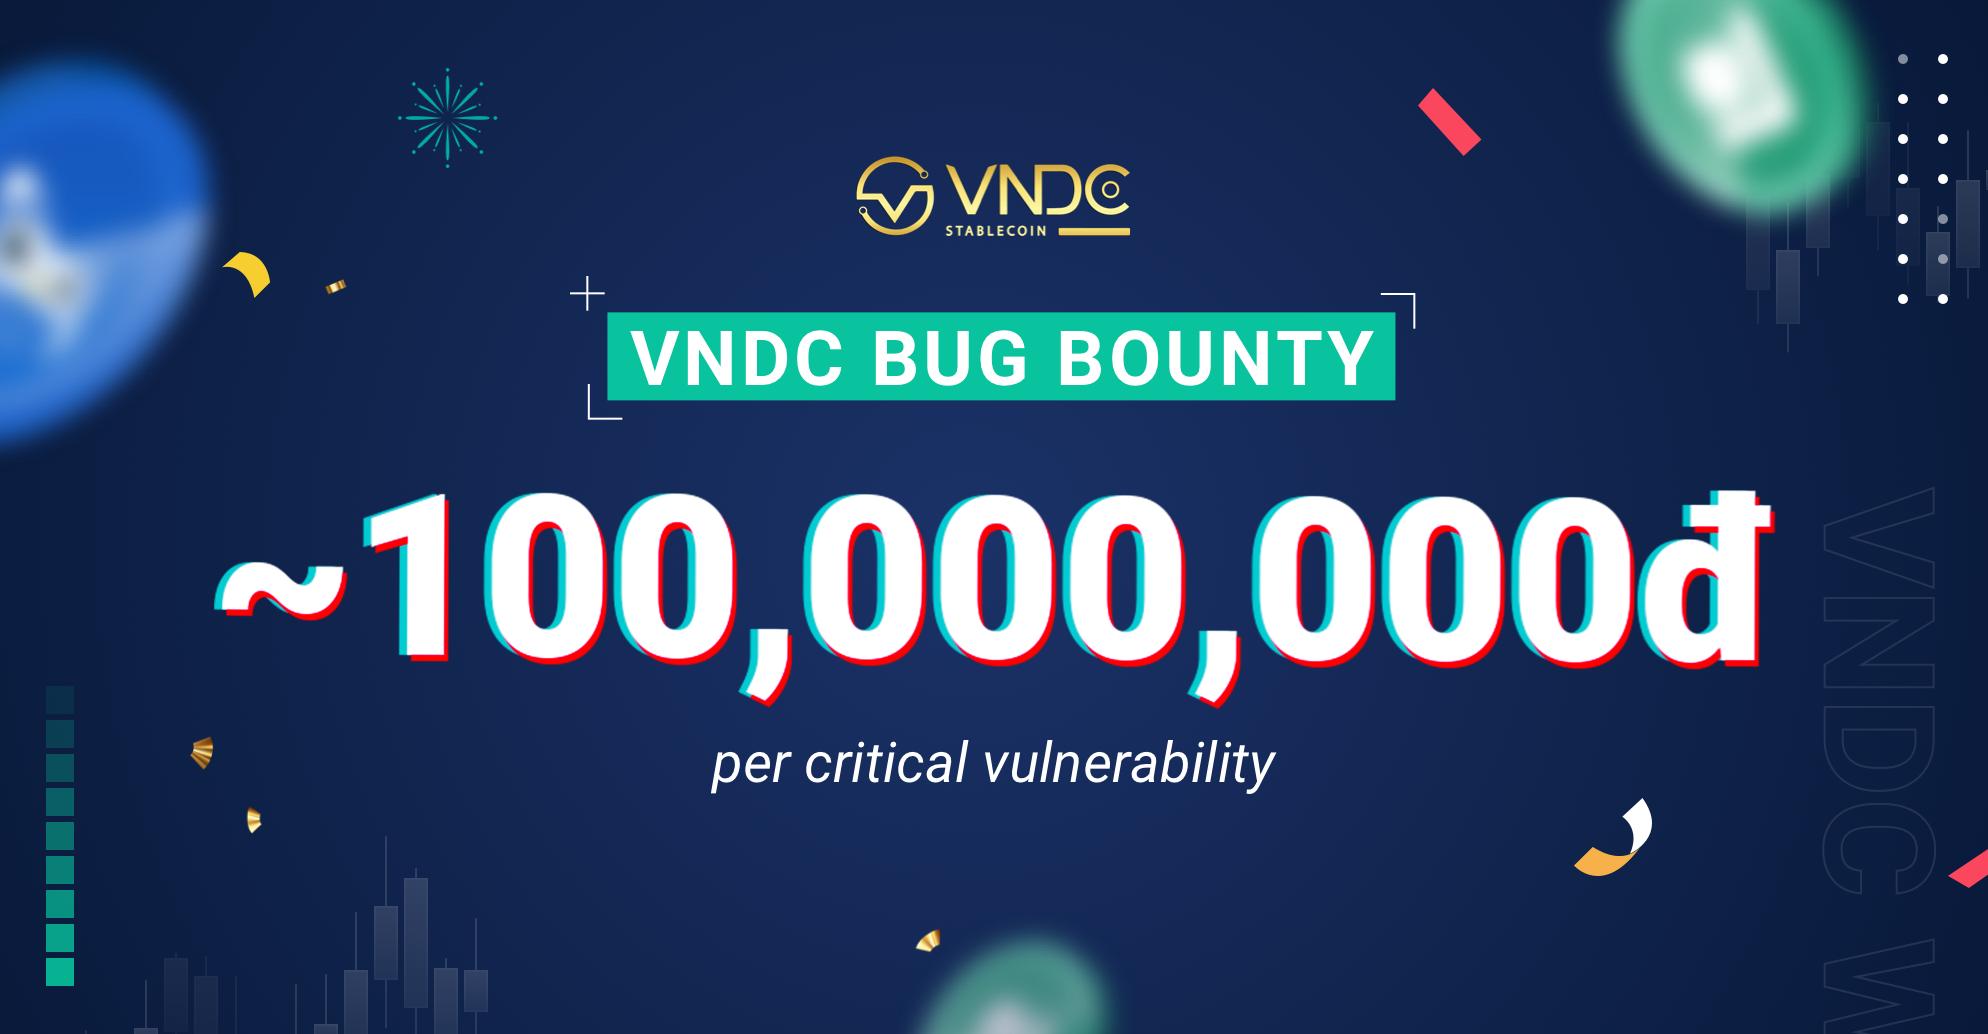 Chương trình Bug Bounty VNDC tăng tiền thưởng lên tới ~100 triệu VND cho mỗi lỗ hổng